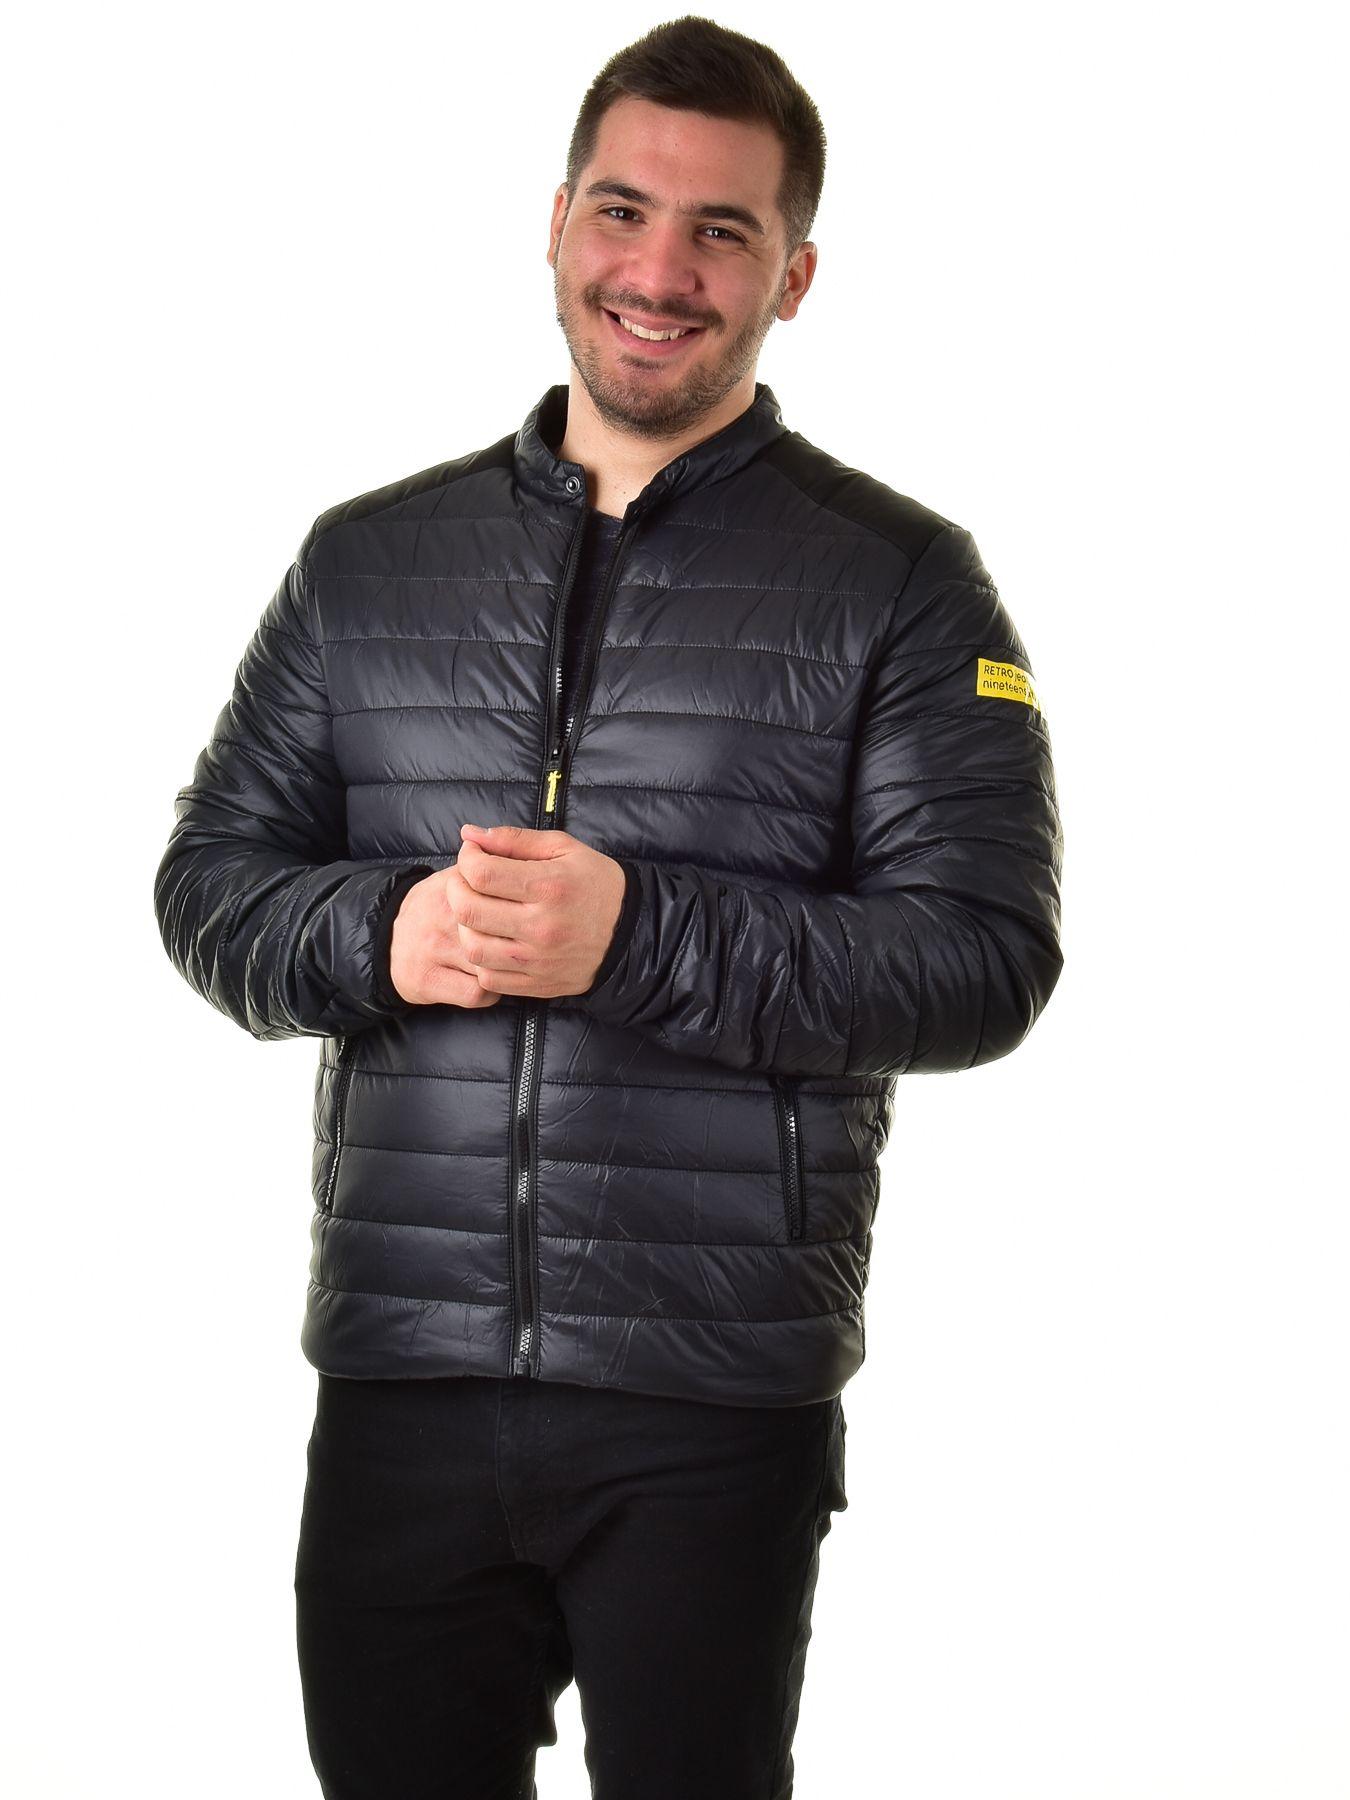 Retro Jeans férfi dzseki ROSS   Markasbolt.hu Hivatalos